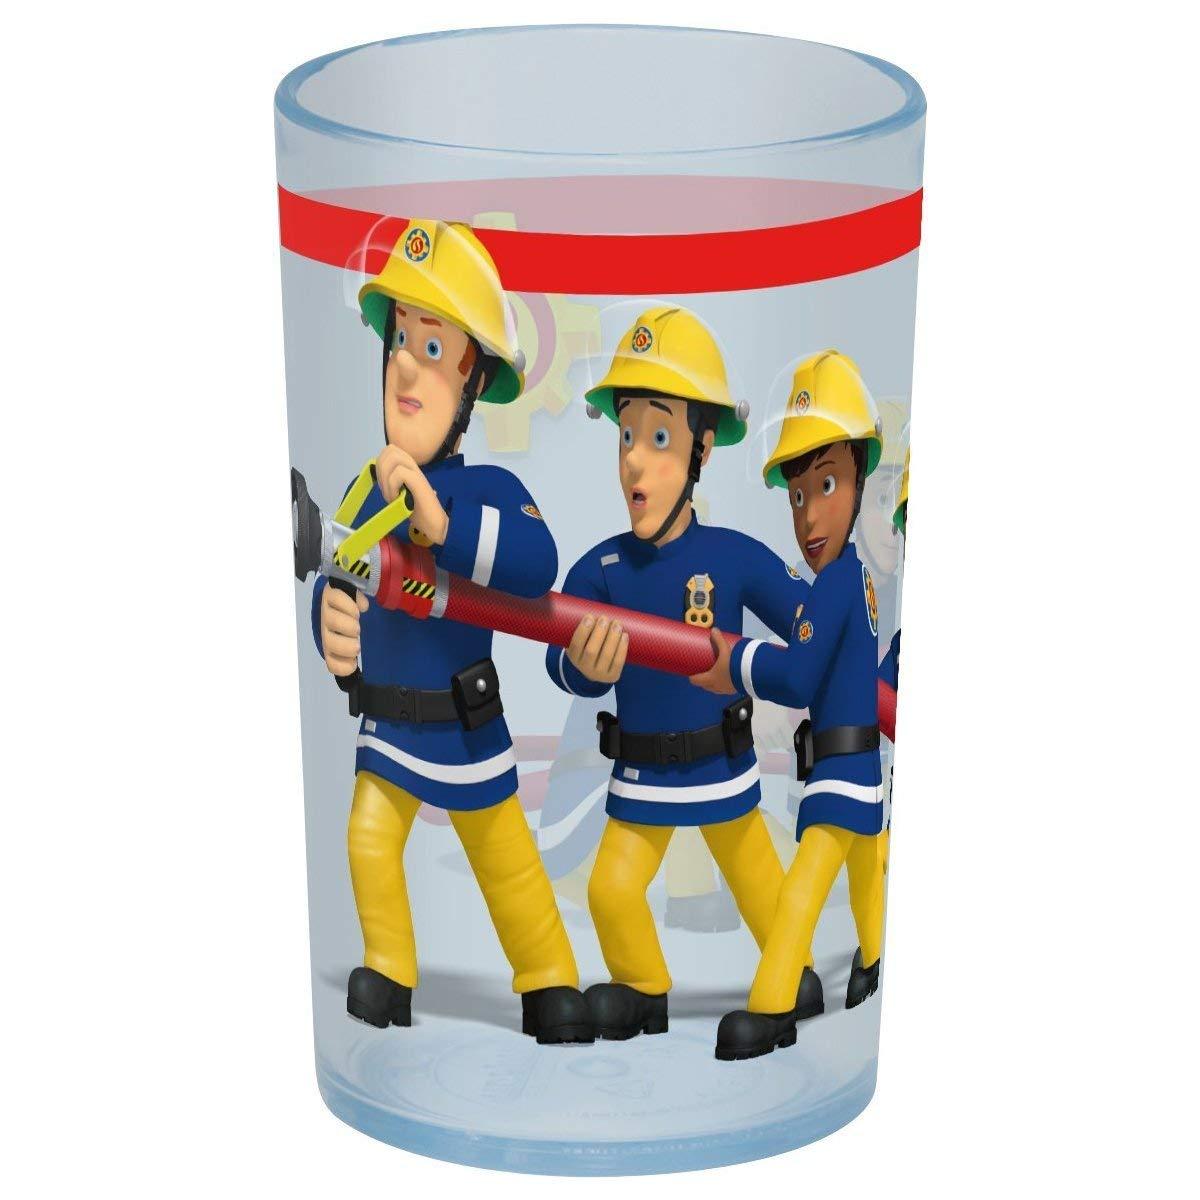 FEUERWEHRMANN SAM TRINKGLAS - Geschirr - Helpi-Shop - Der Feuerwehrshop